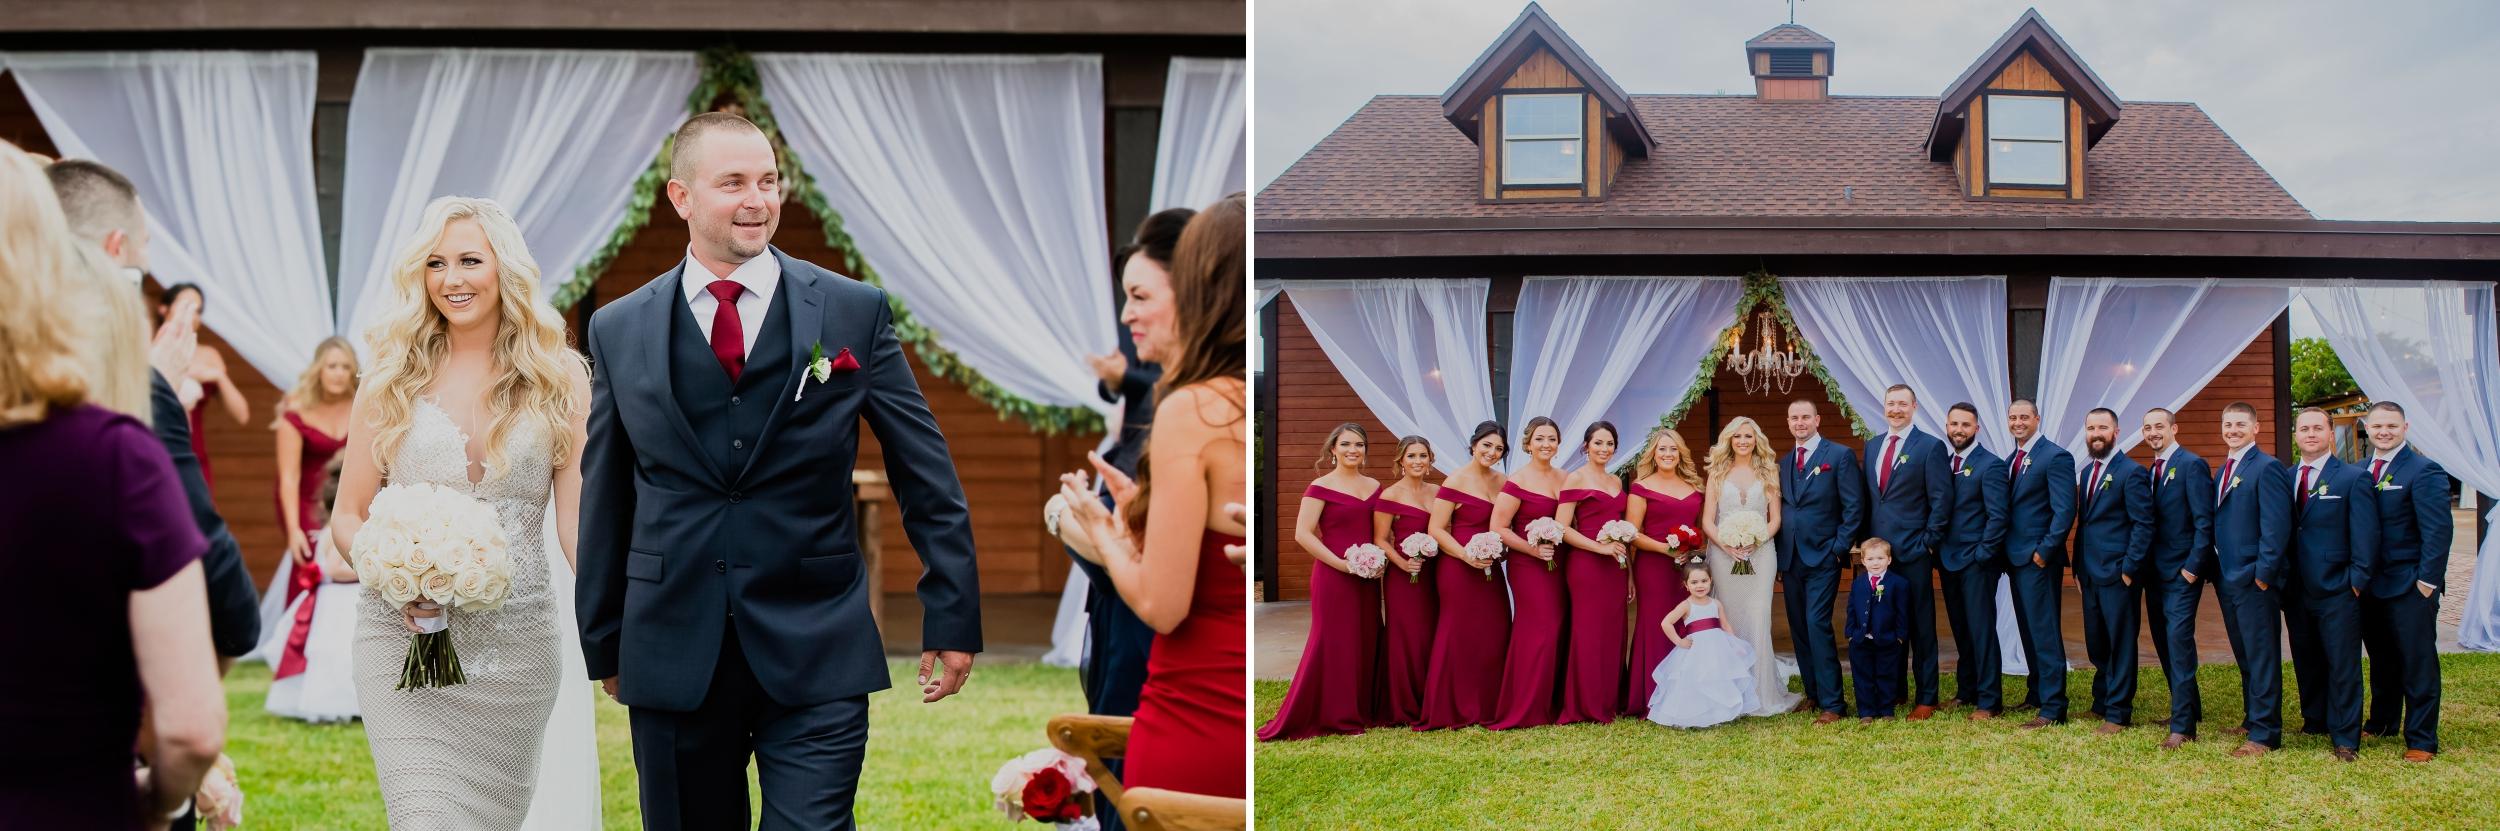 Wedding Redland Farm Life - Santy Martinez Photography 11.jpg